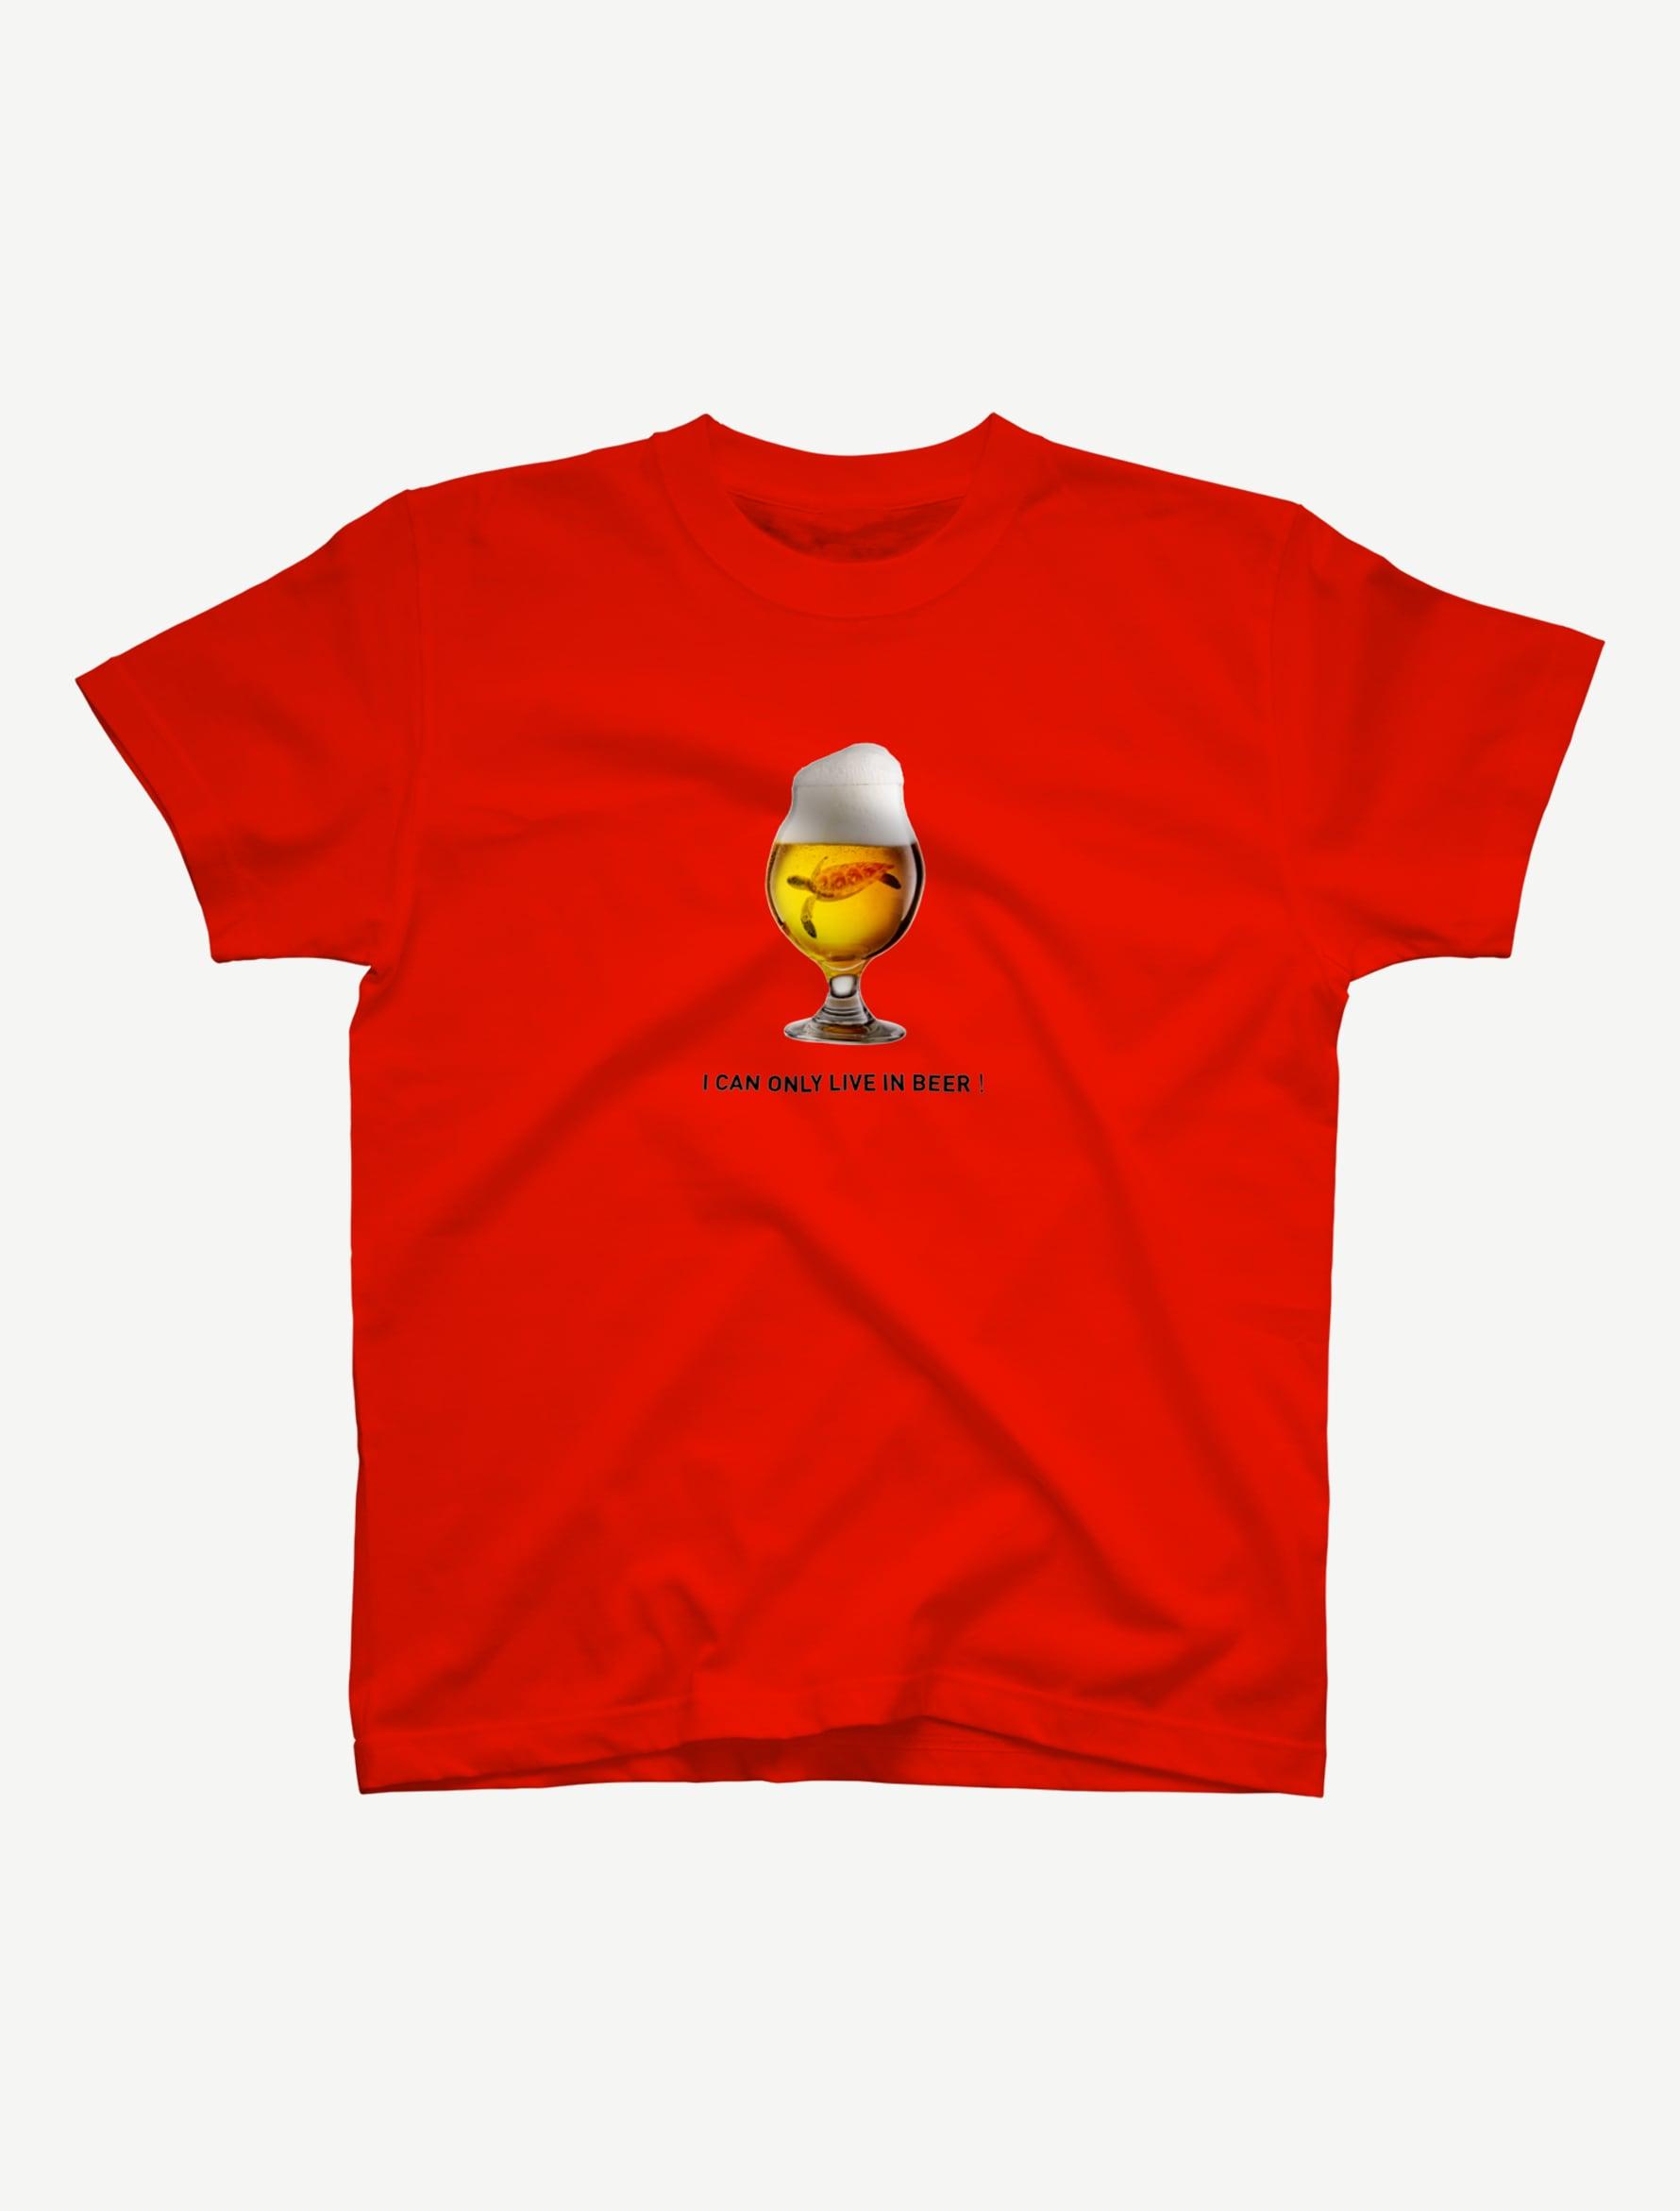 【ビールの中でしか・・・ウミガメ】Tシャツ(レッド)